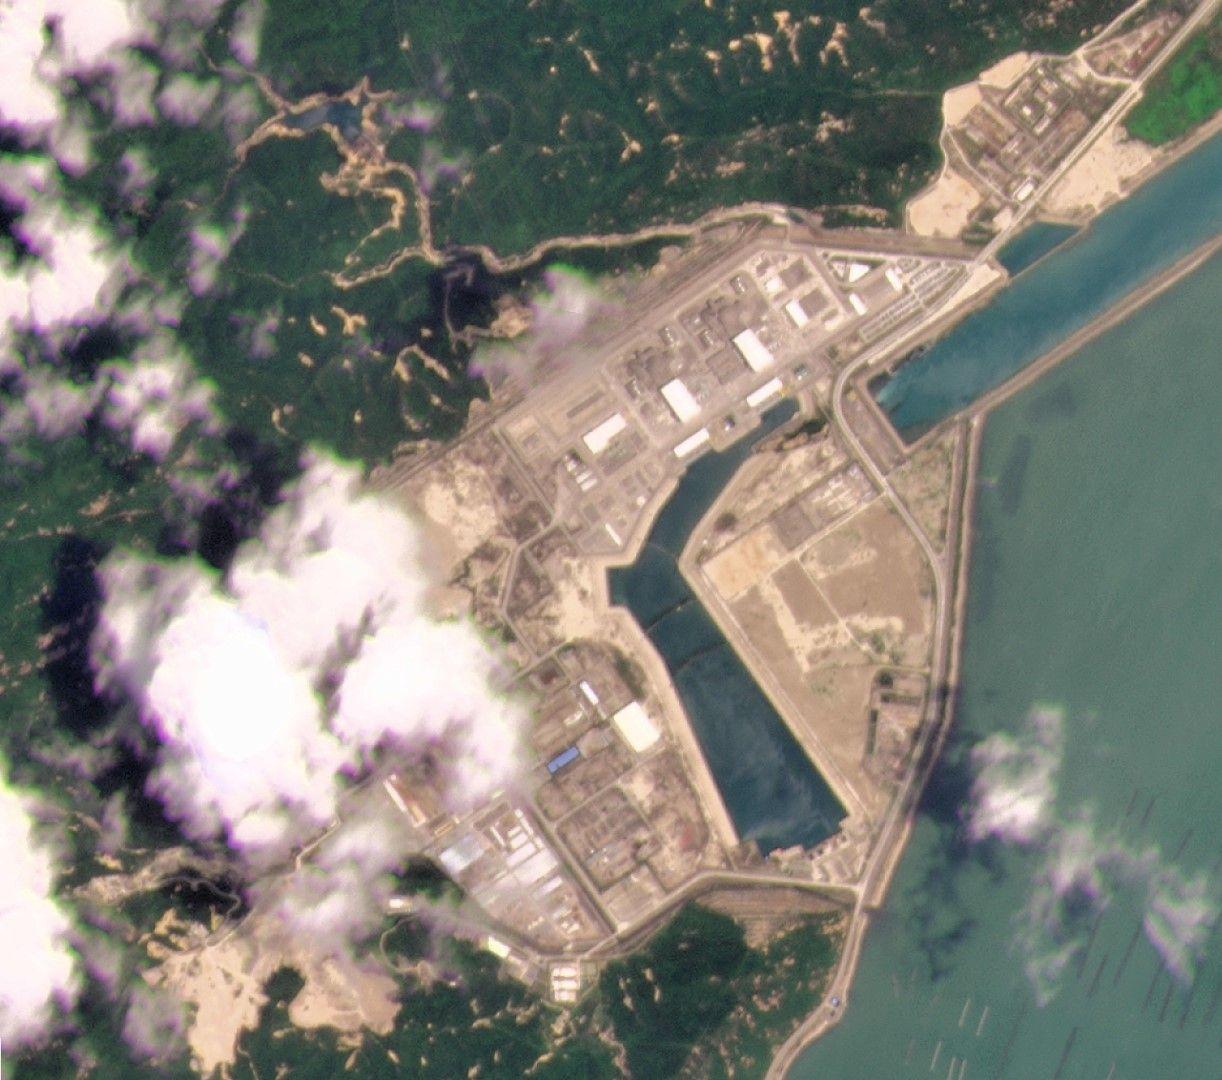 Сателитна снимка, предоставена от Planet Labs Inc., която показва атомната централа Тайшан в провинция Гуандун, Китай на 8 май 2021 г.